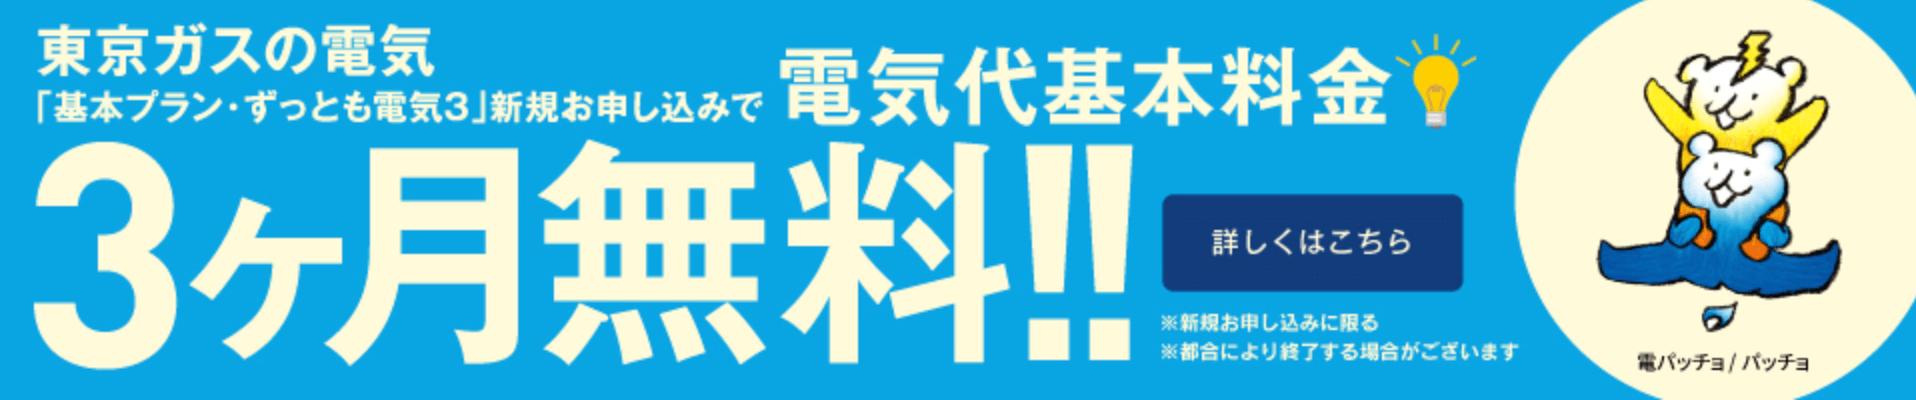 東京ガスの電気 キャンペーン